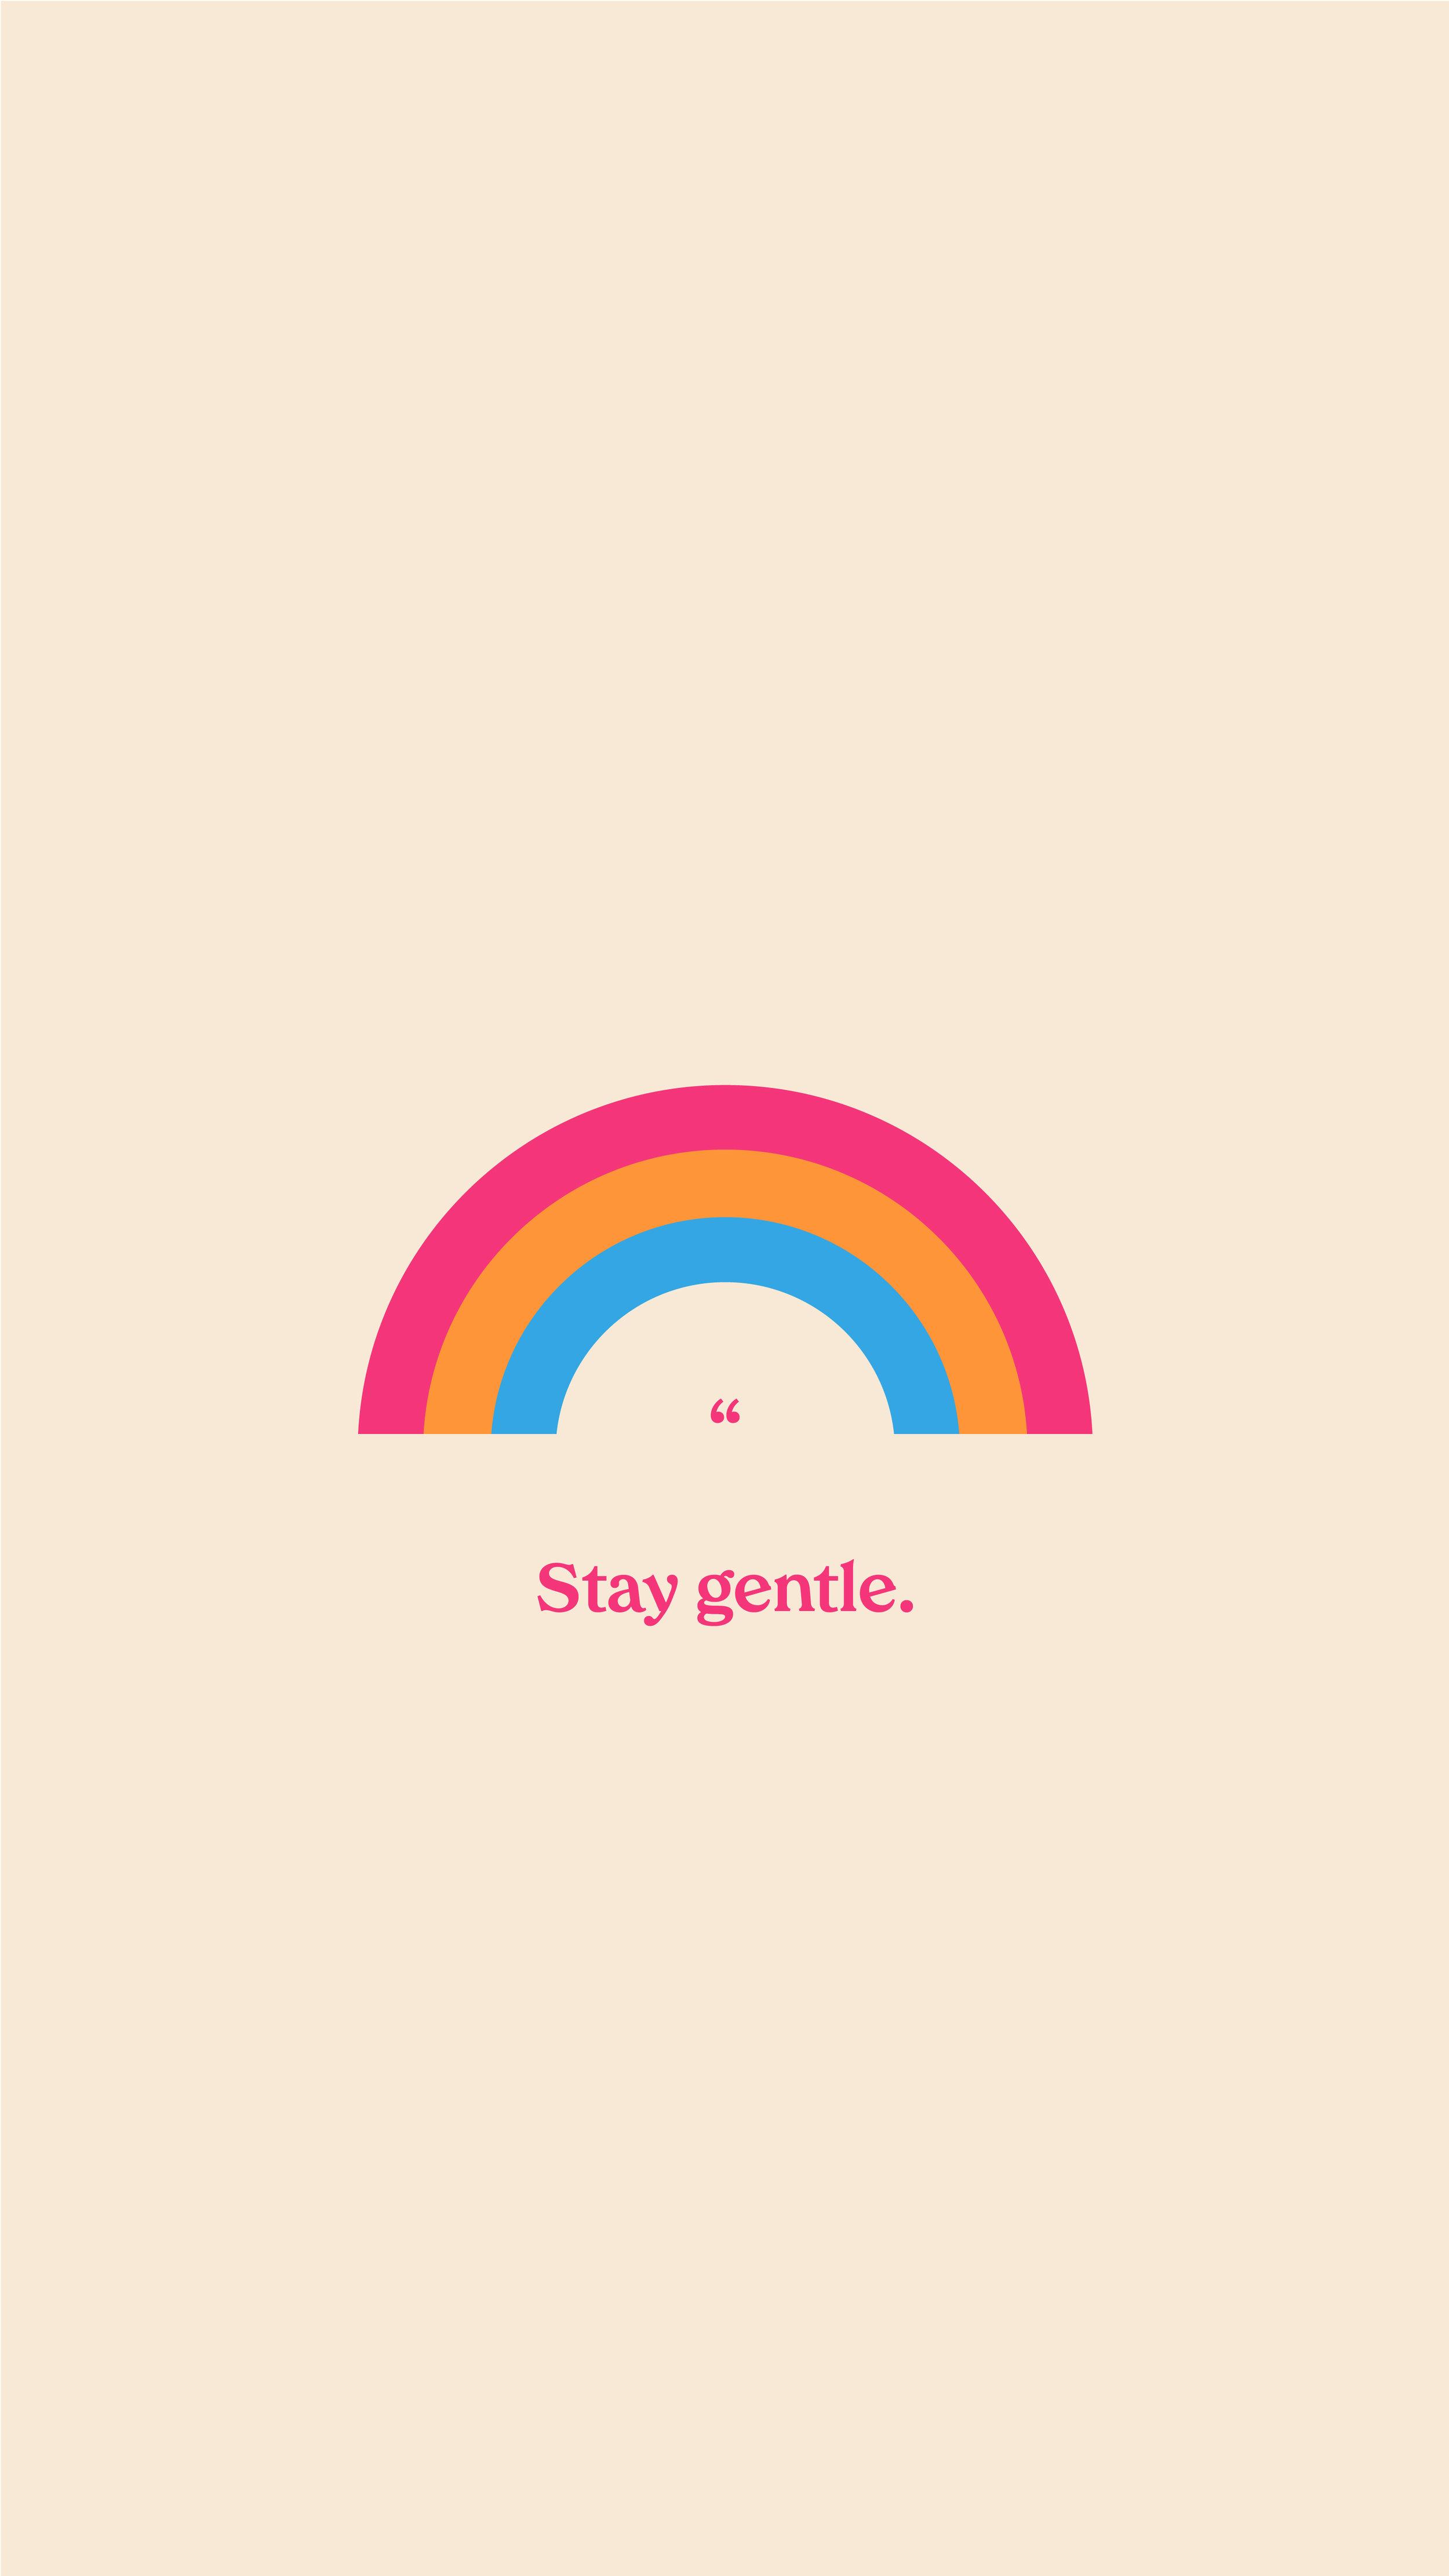 stay gentle.jpg